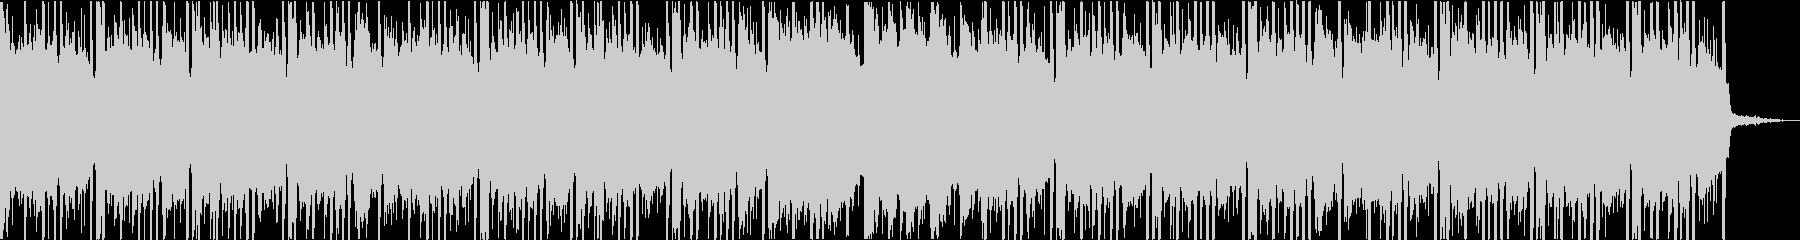 スムーズでゴージャスな洋楽トラップビートの未再生の波形